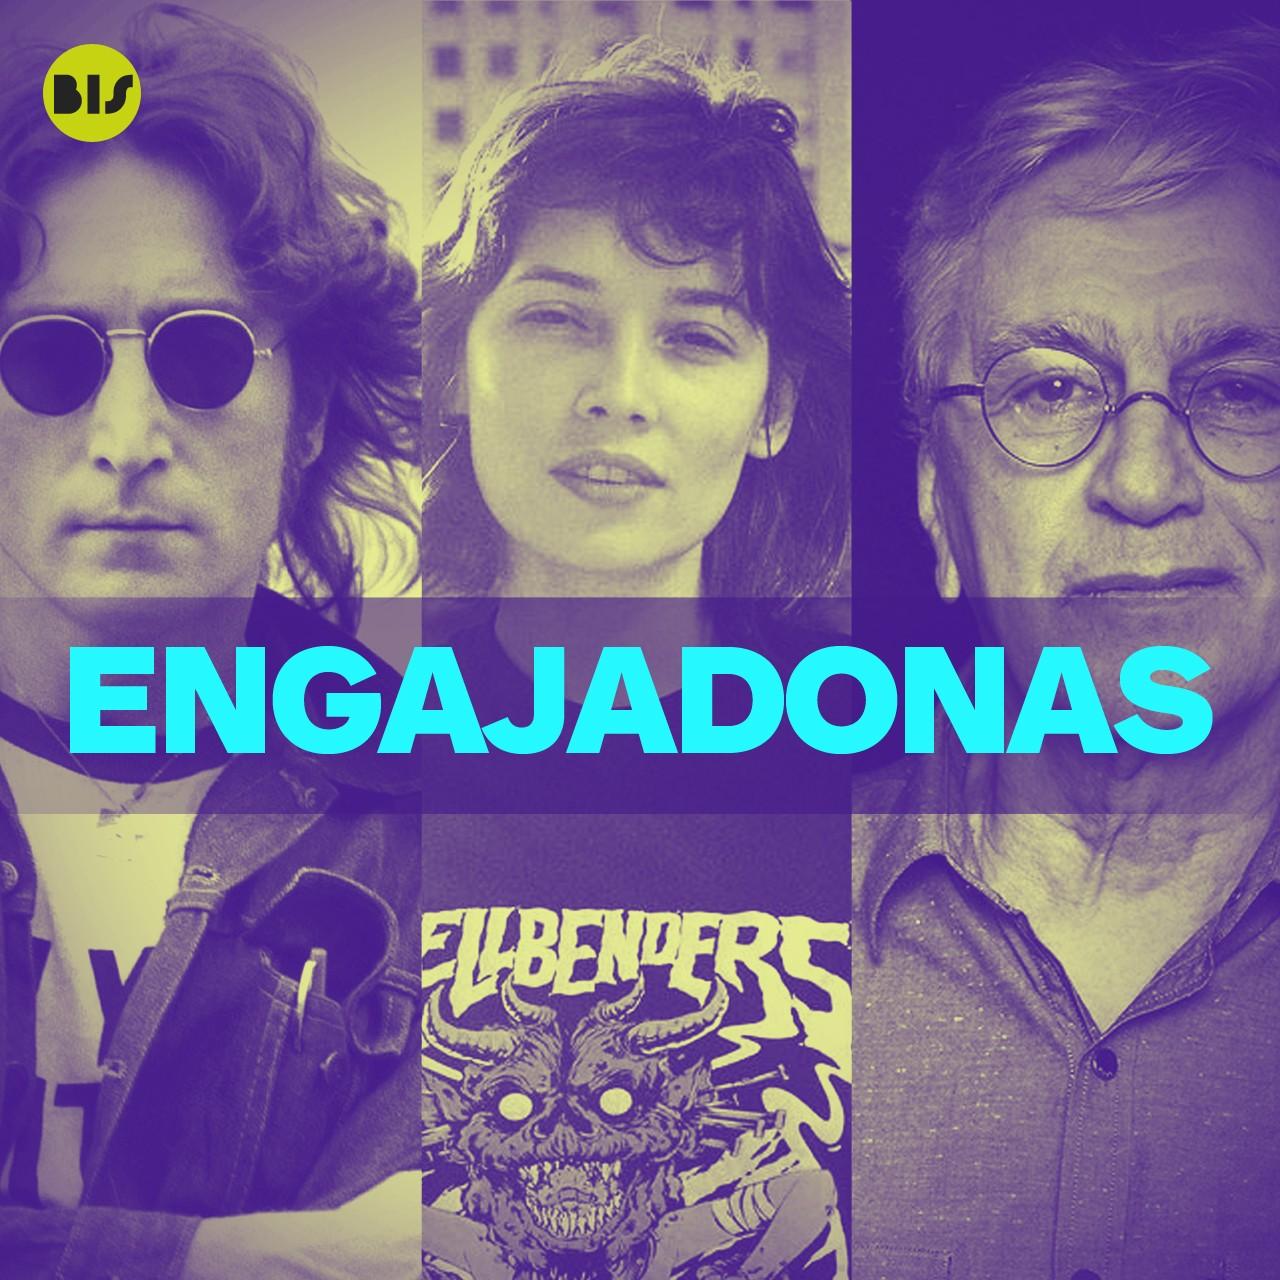 Engajadonas  a nova playlist exclusiva do Bis no Spotify (Foto: Bis)